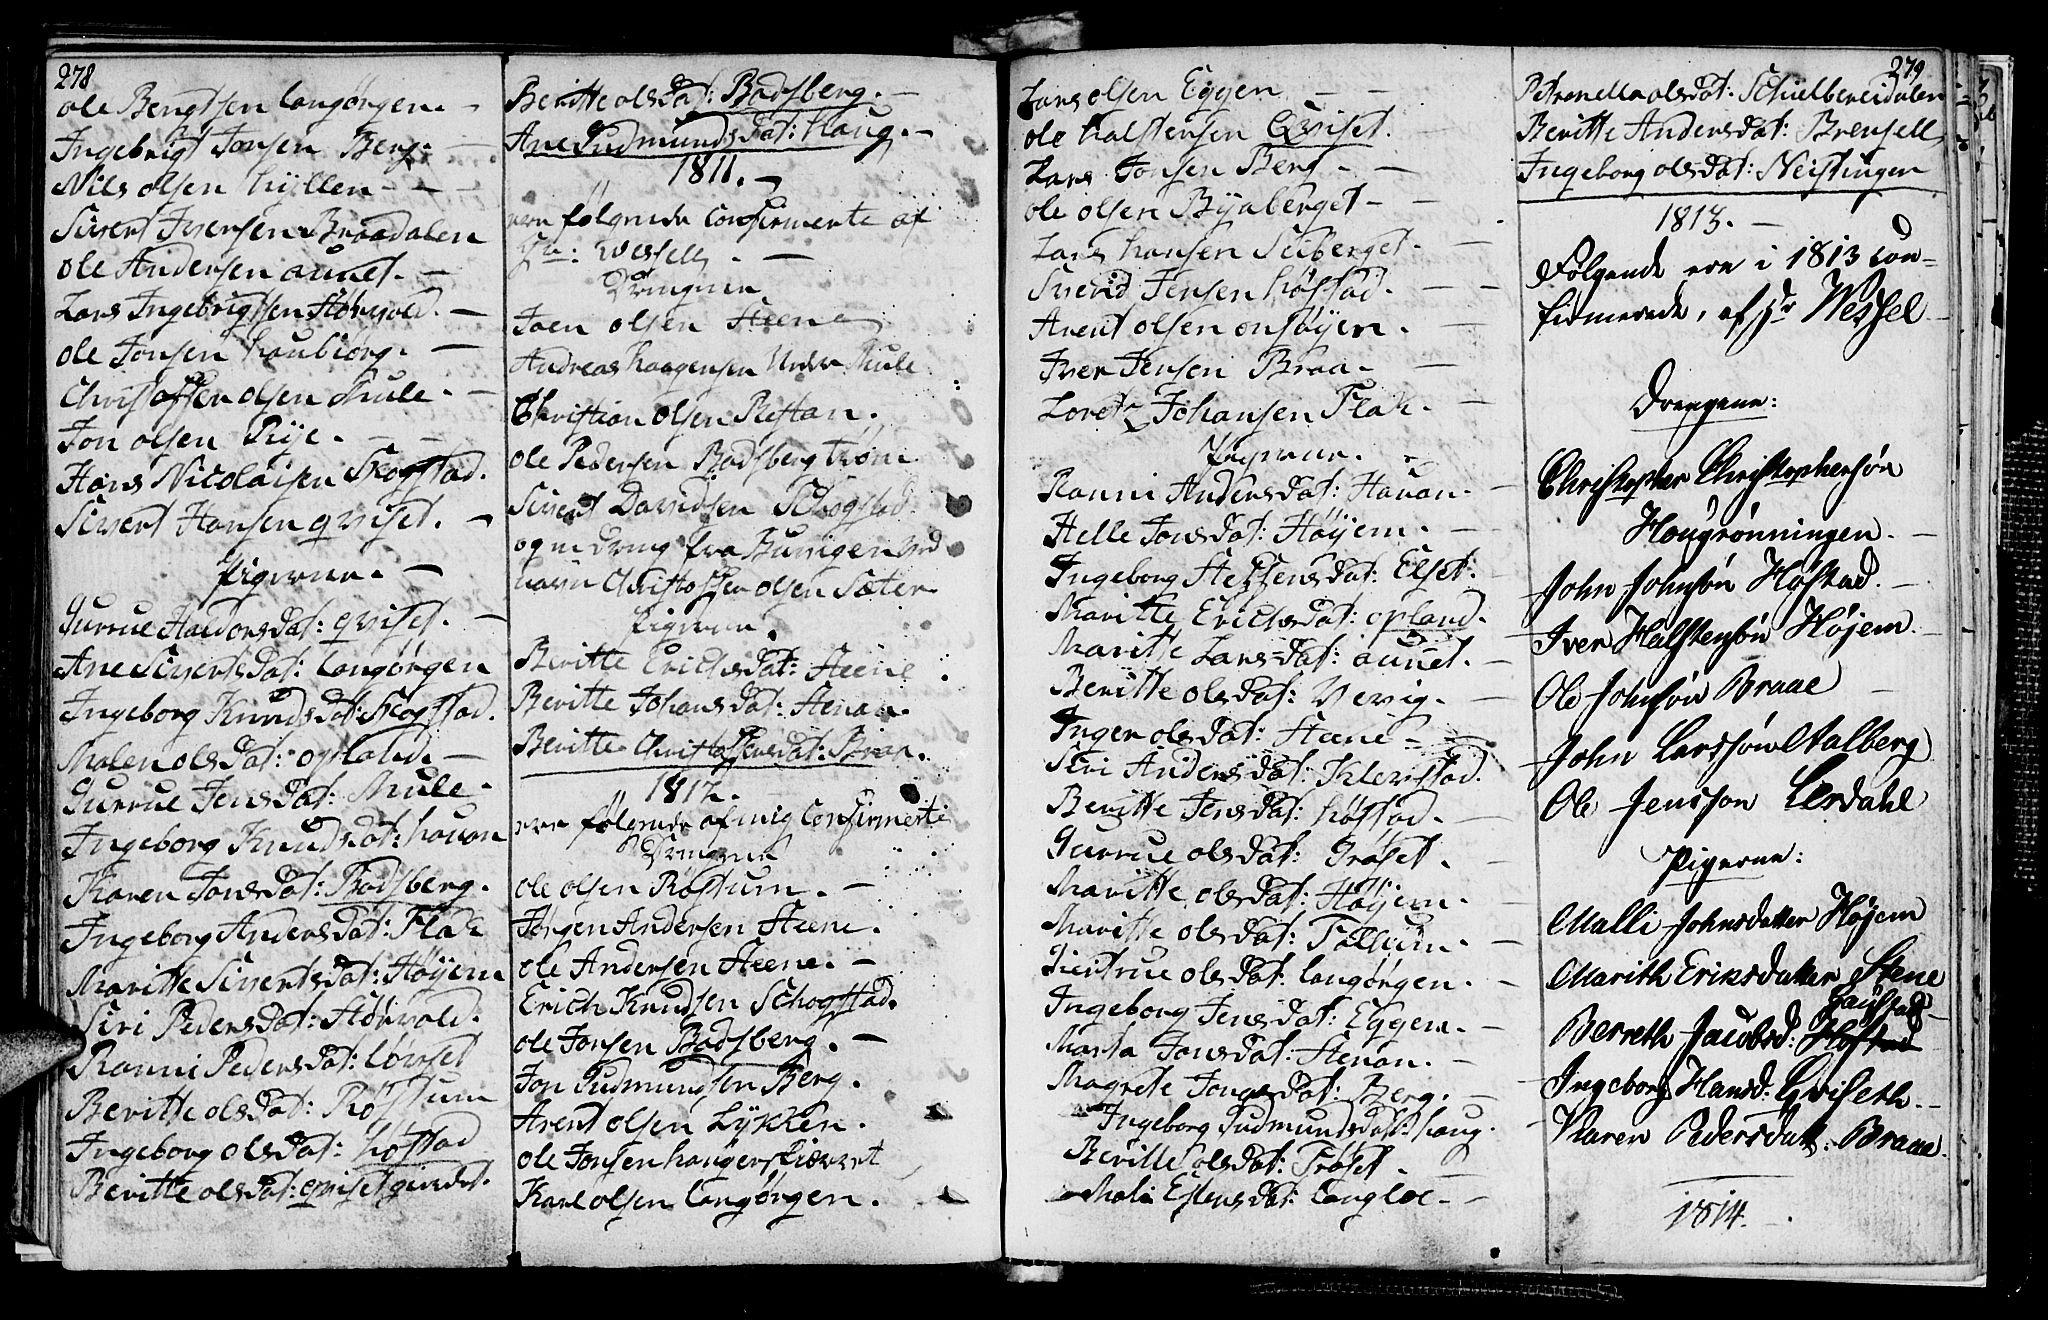 SAT, Ministerialprotokoller, klokkerbøker og fødselsregistre - Sør-Trøndelag, 612/L0371: Ministerialbok nr. 612A05, 1803-1816, s. 278-279